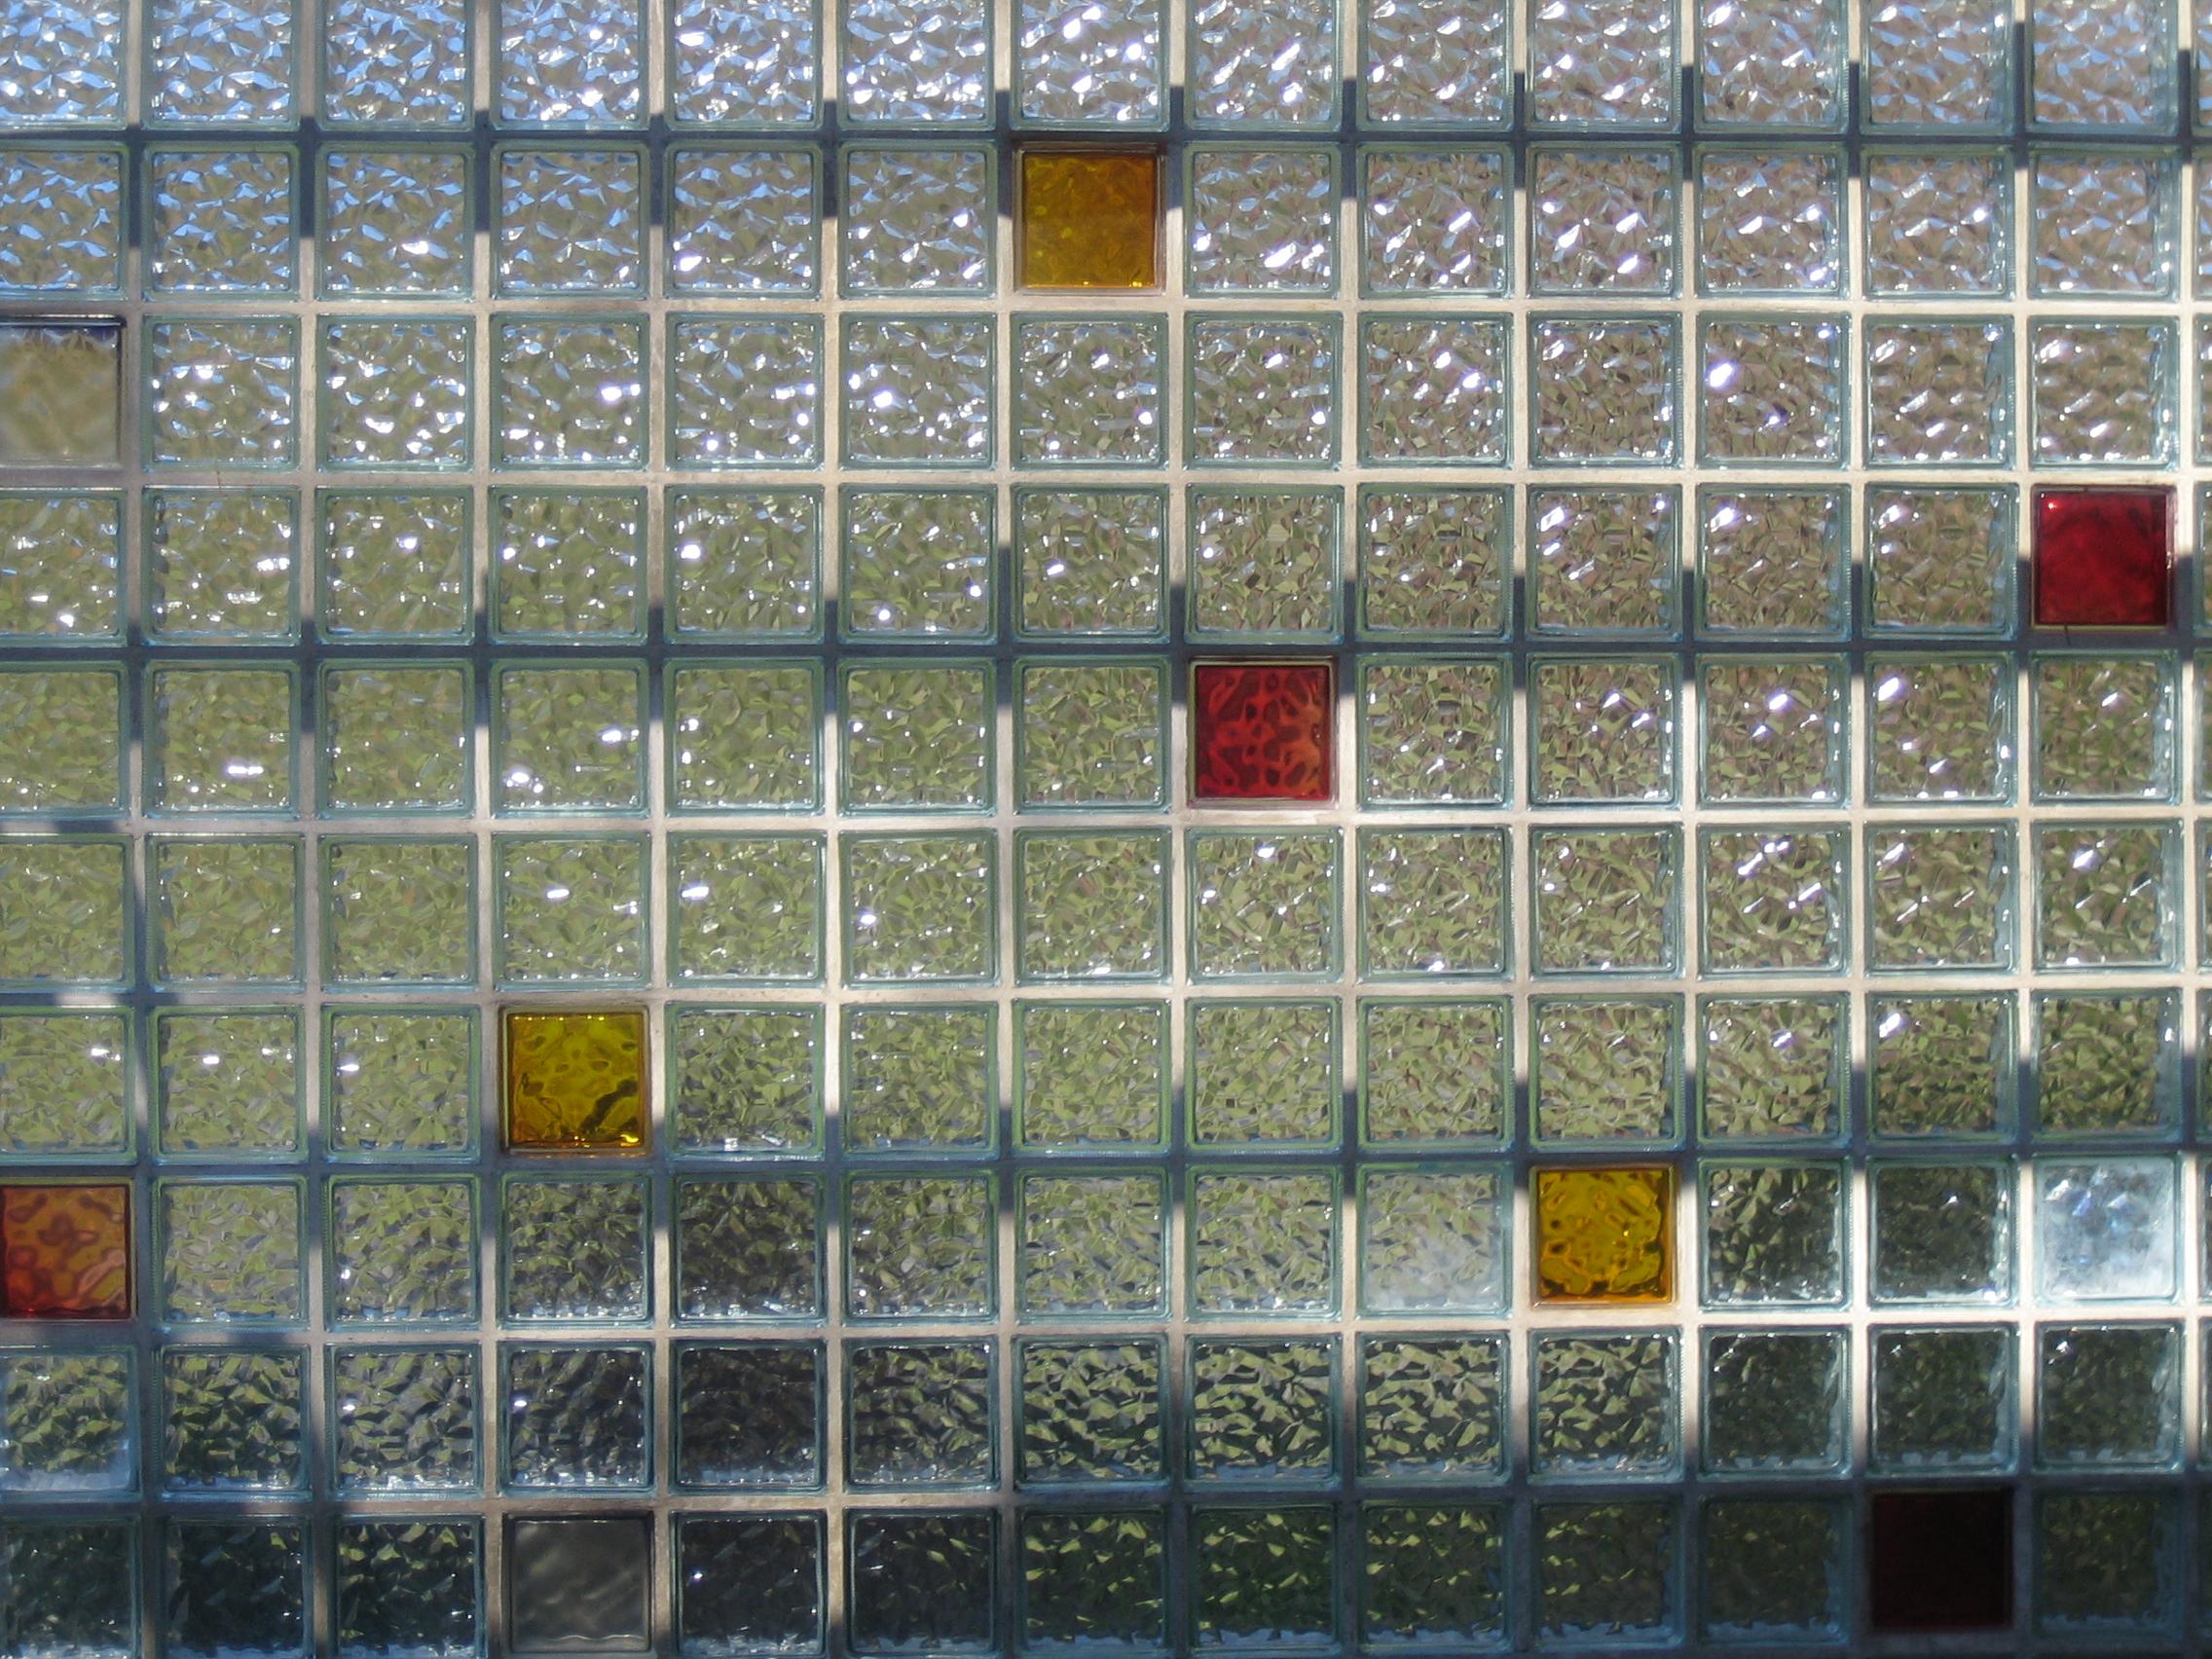 Glass bricks No.1 by redrockstock